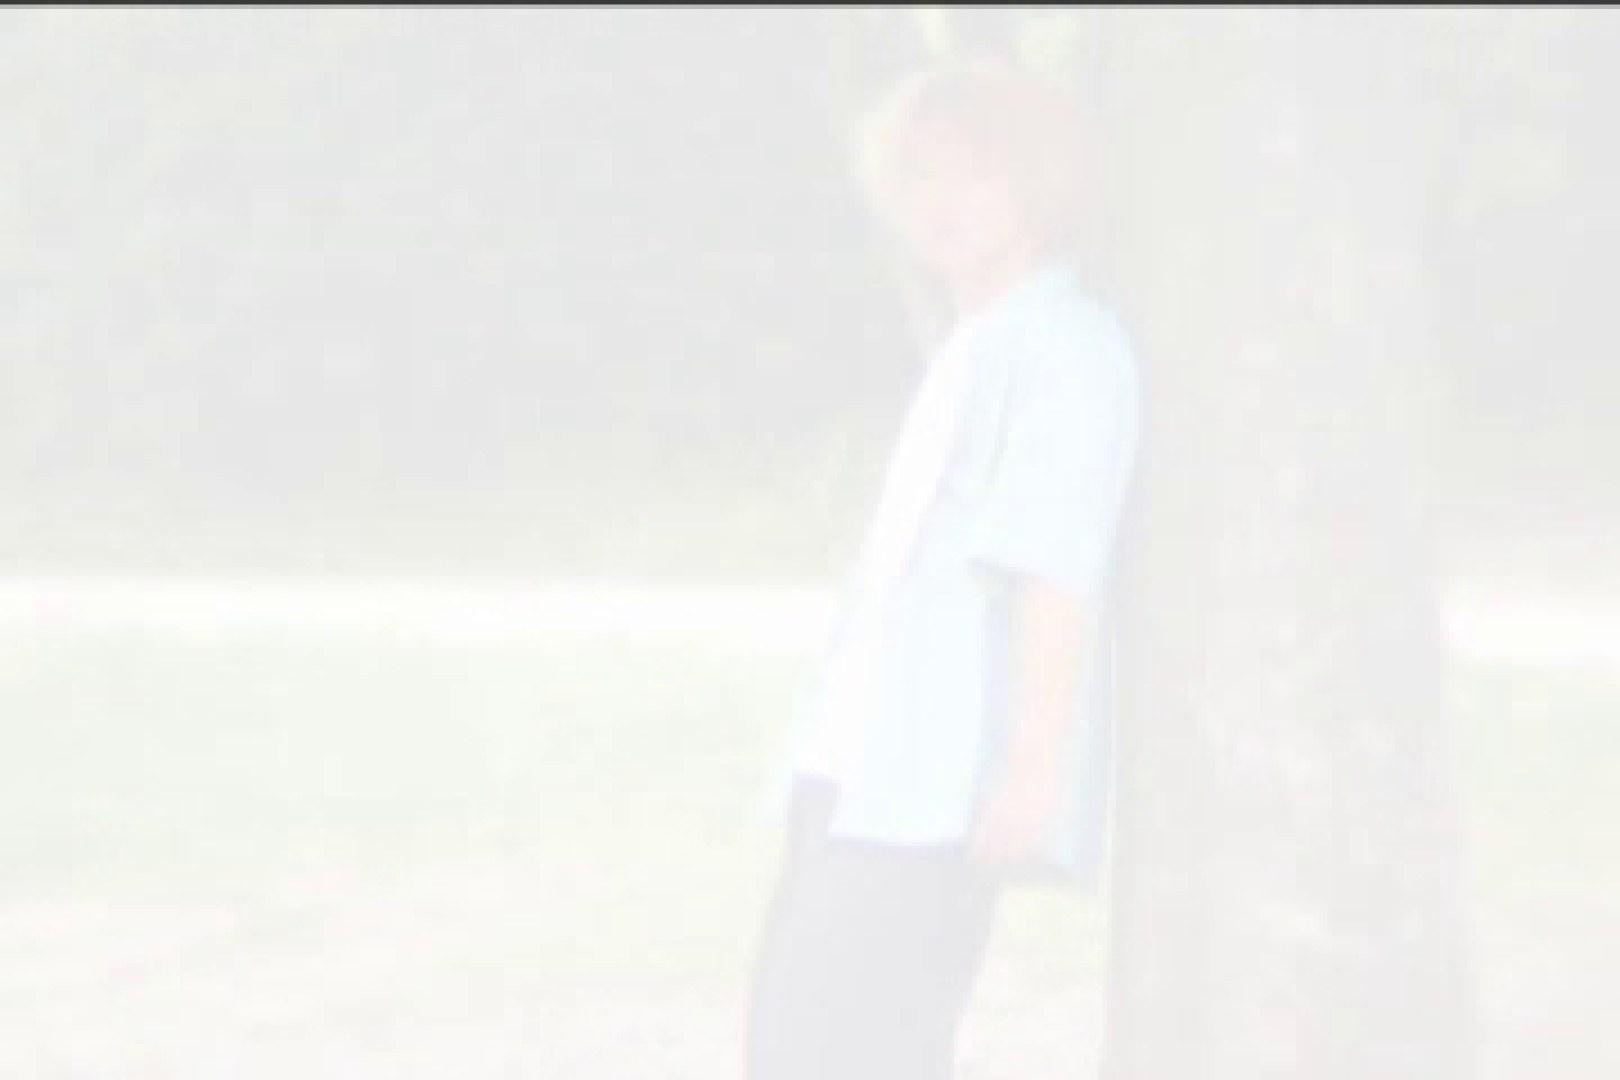 イケメン☆パラダイス〜男ざかりの君たちへ〜vol.20 イケメンたち | ケツマン  80枚 51